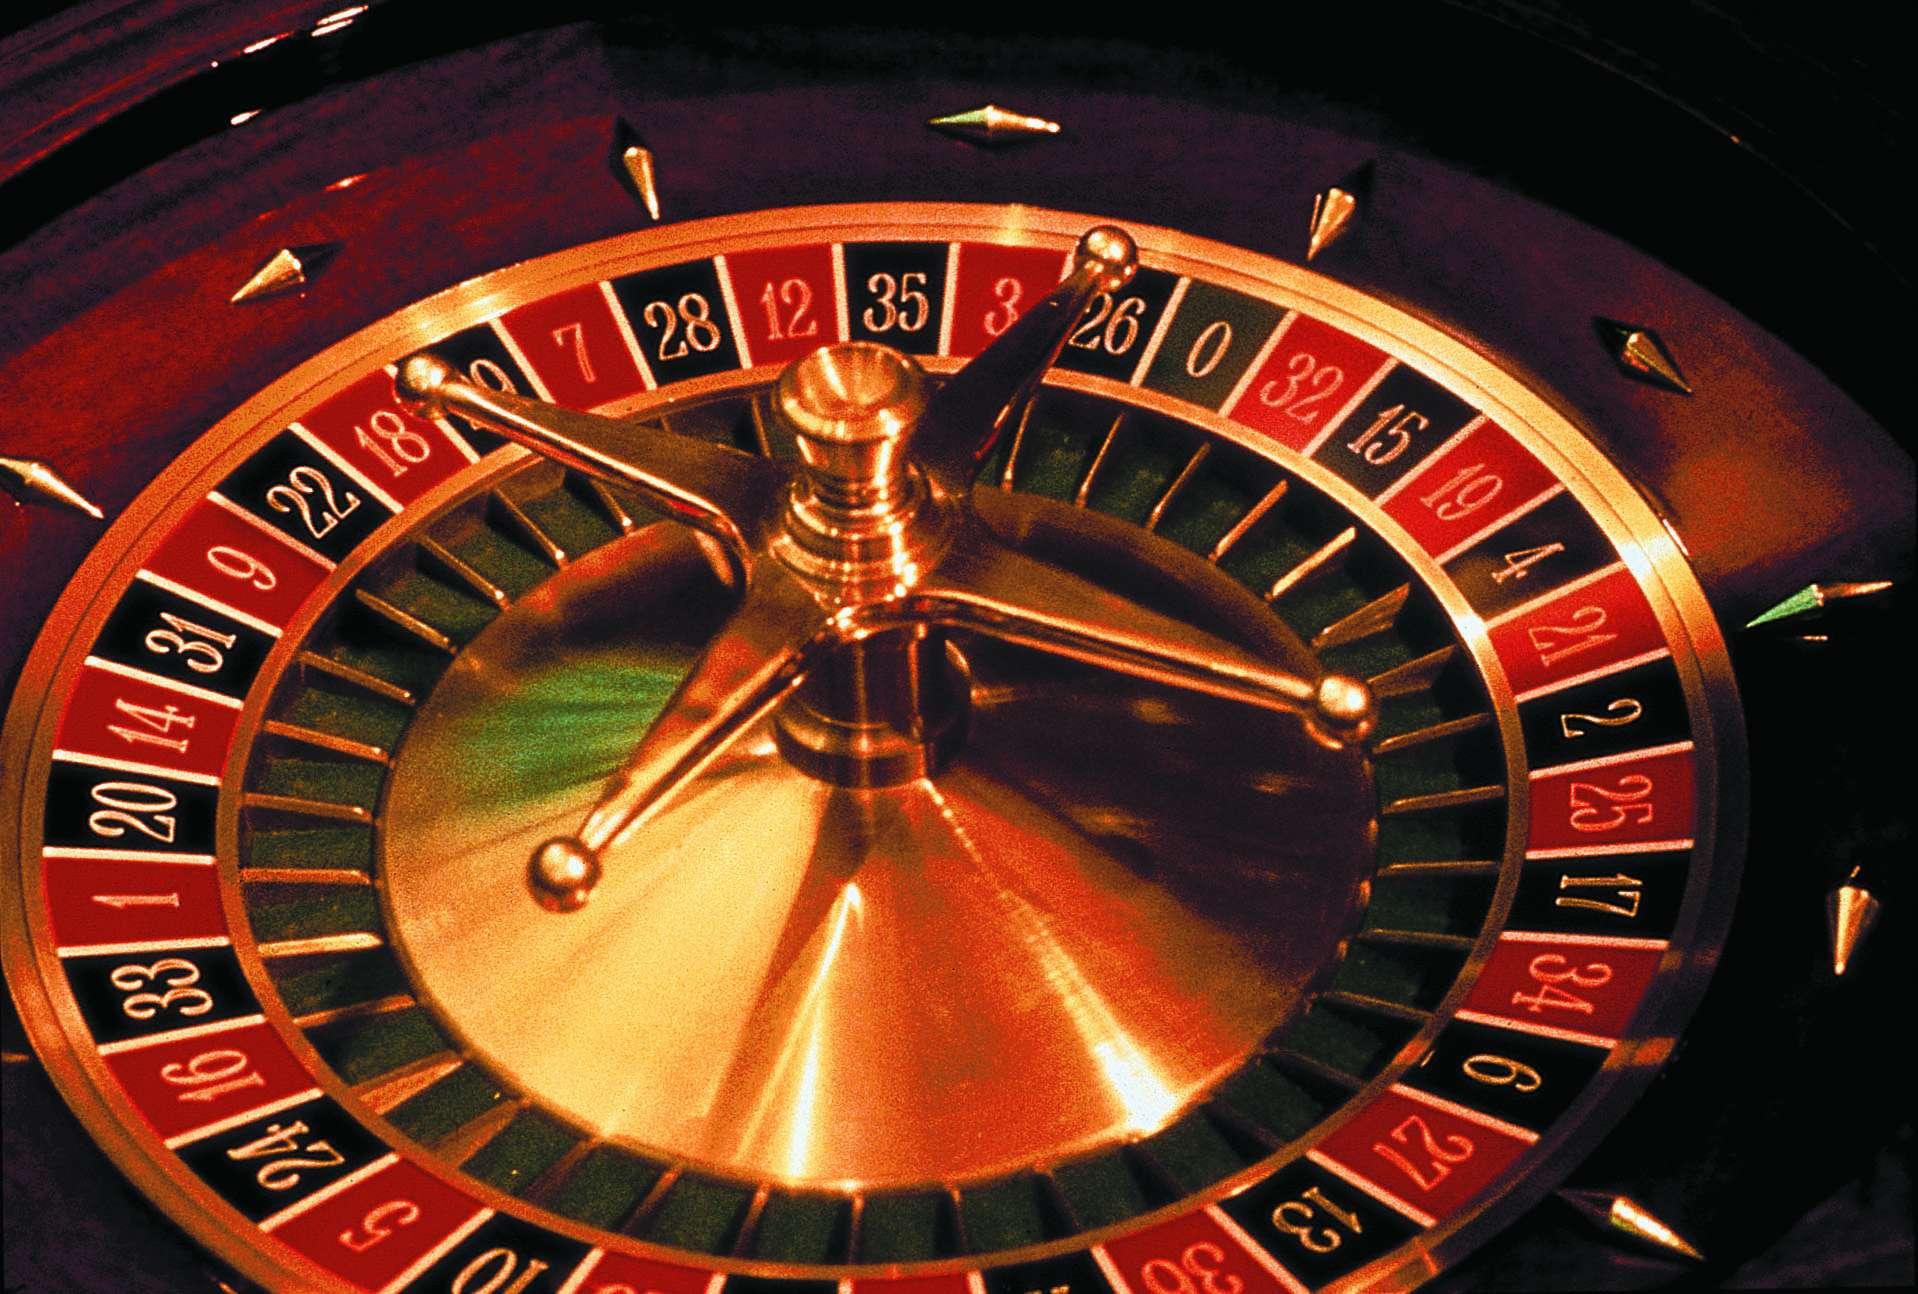 Jeux casino : vous aussi, vous y avez droit